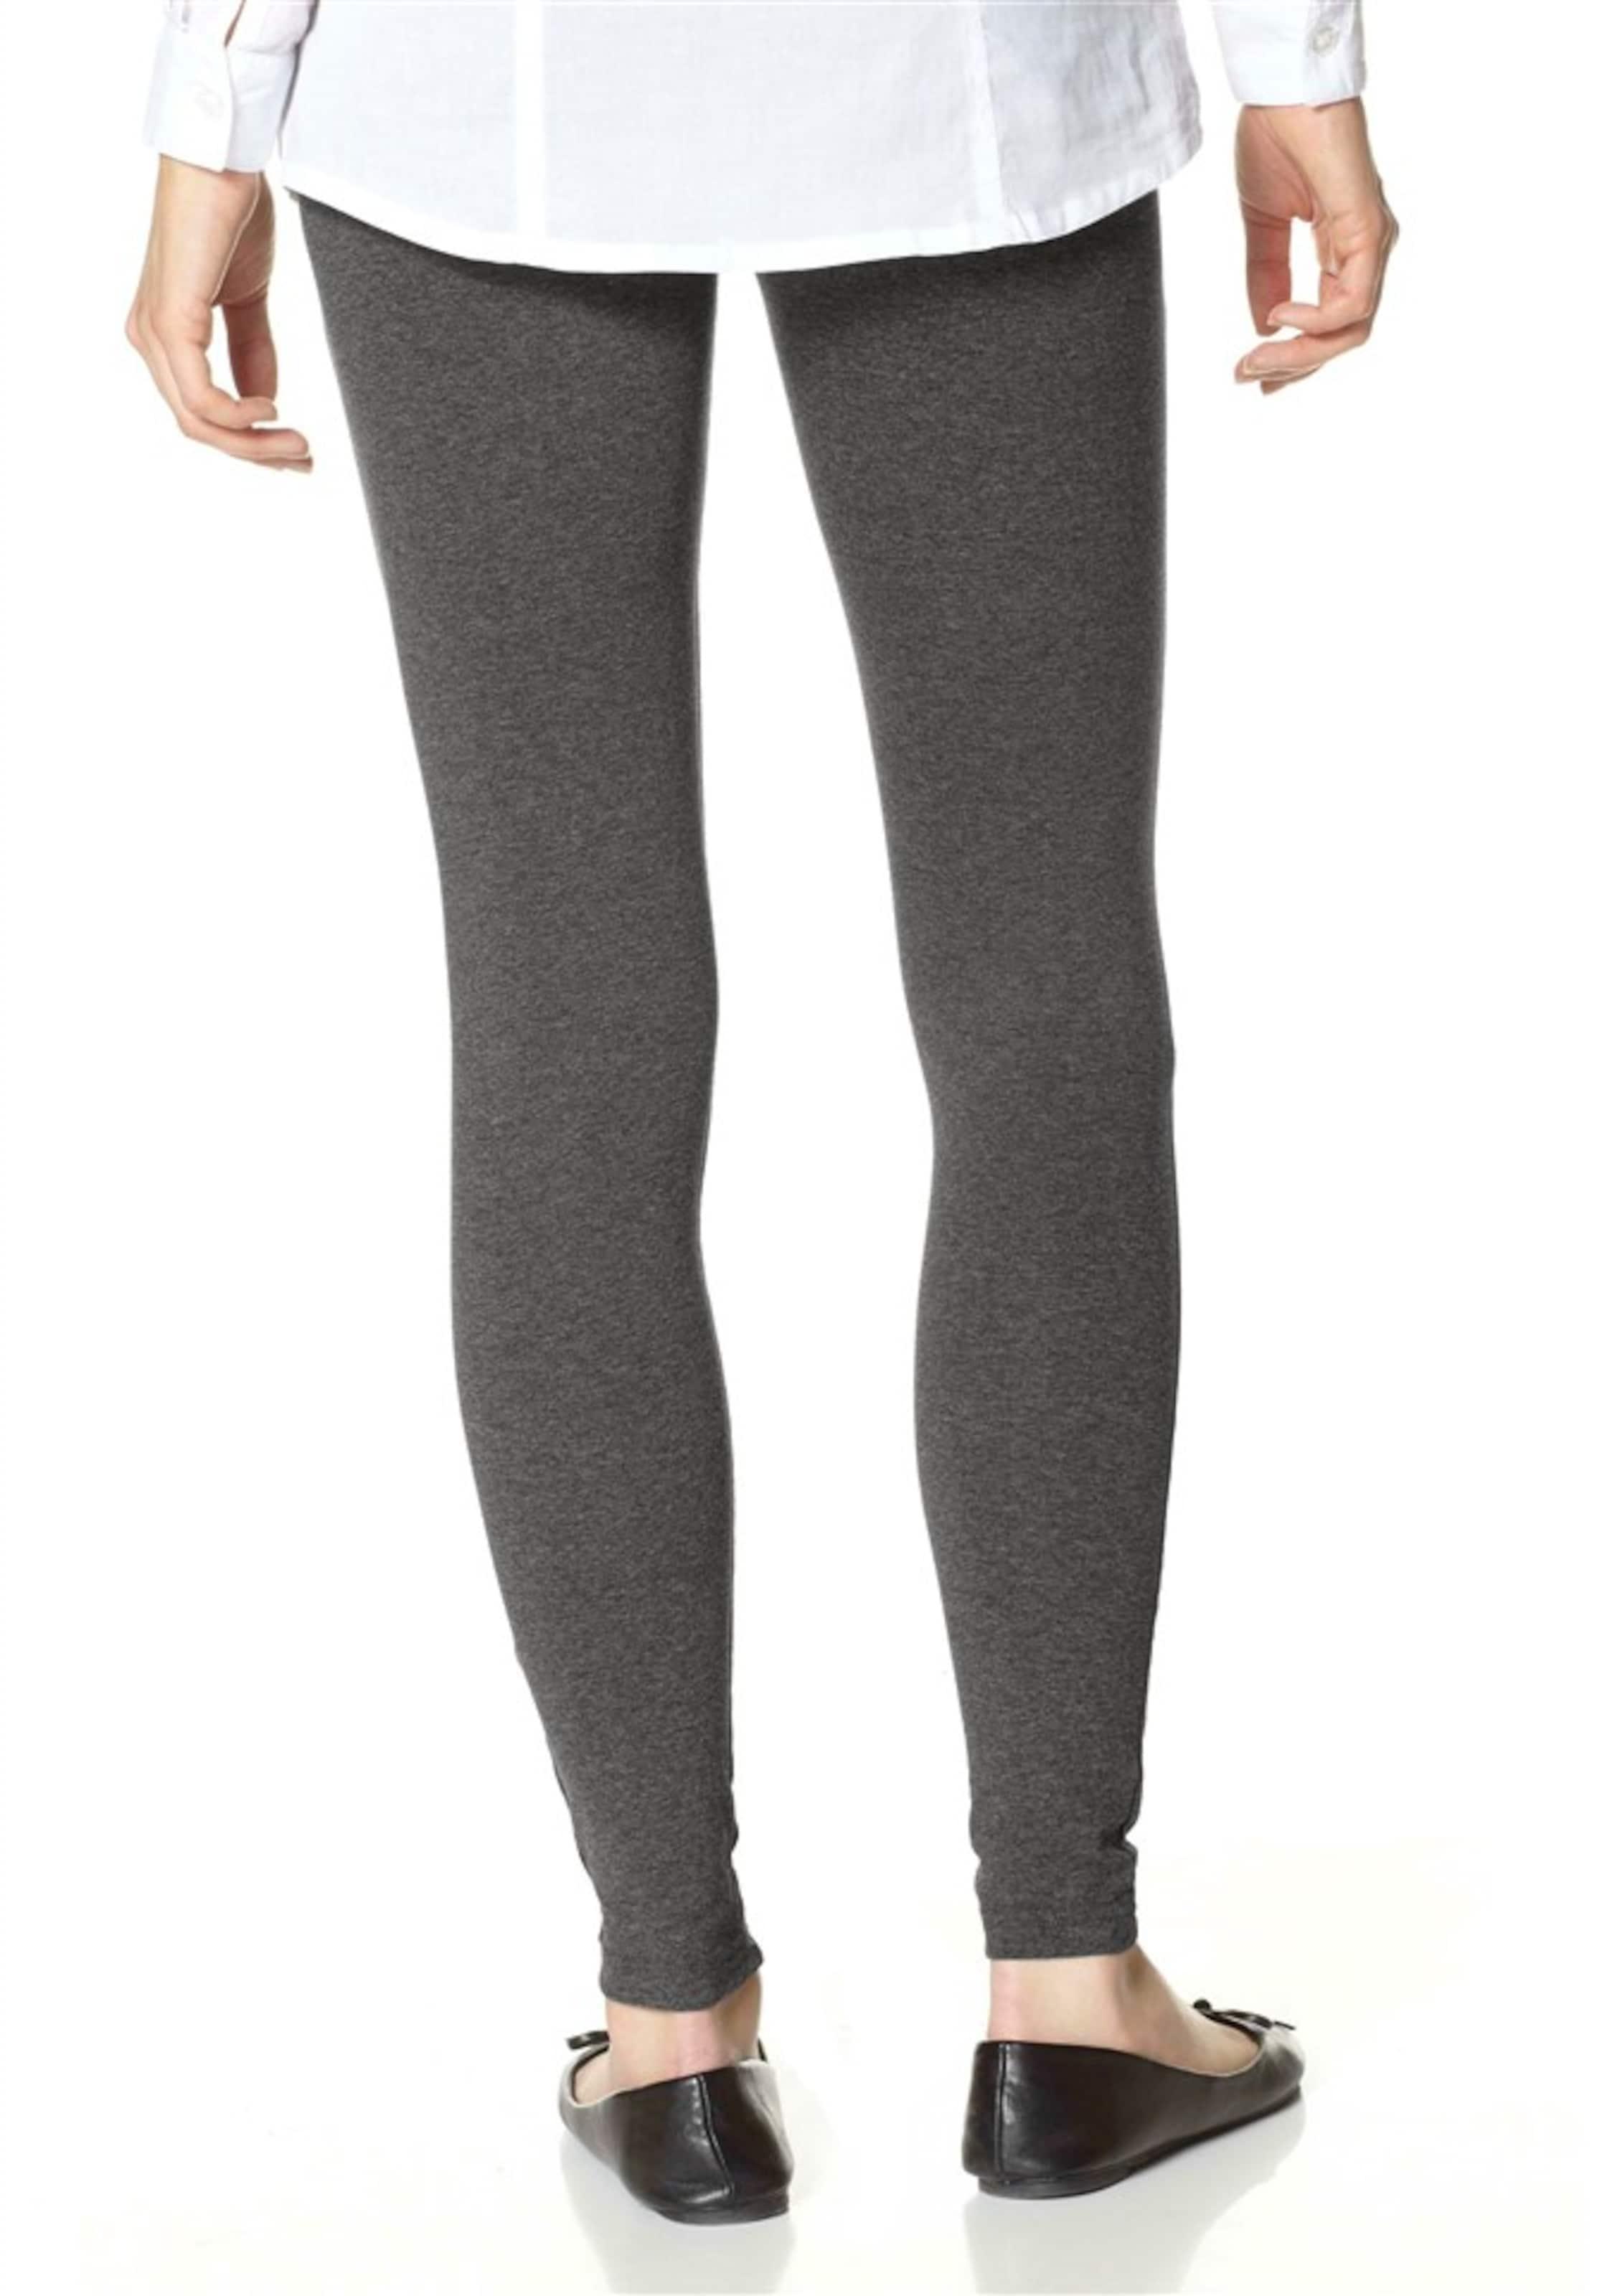 BOYSEN'S Leggings Leggings (2 Stück) Niedrig Kosten Günstig Online Finden Großen Günstigen Preis Günstig Kaufen Mode-Stil lnweZTdt